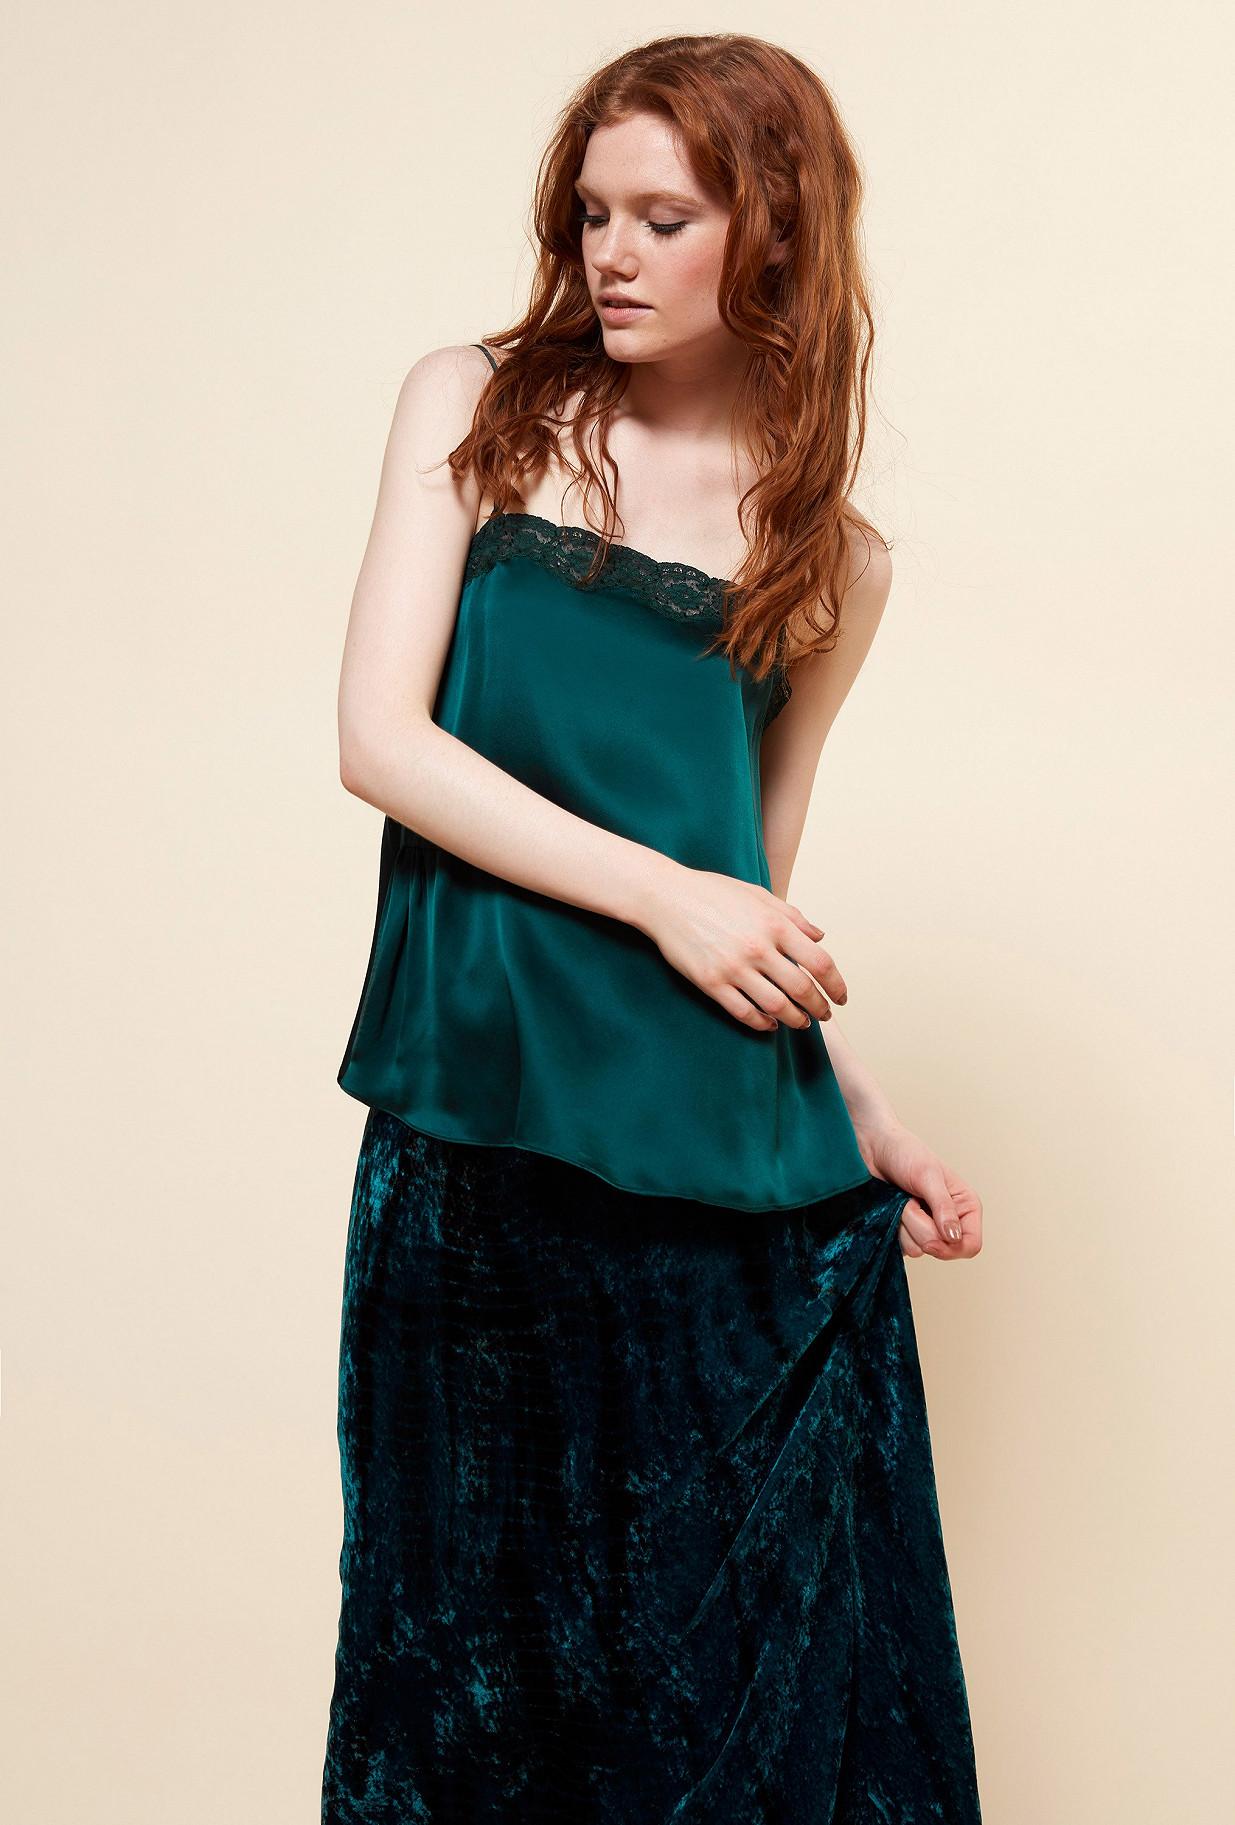 Paris clothes store TOP  Alinea french designer fashion Paris